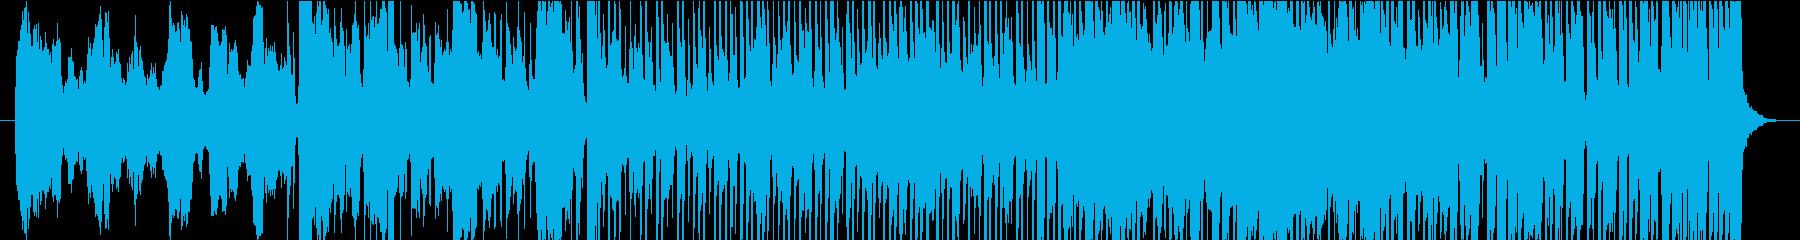 不思議なリズムのSaxポップロックの再生済みの波形